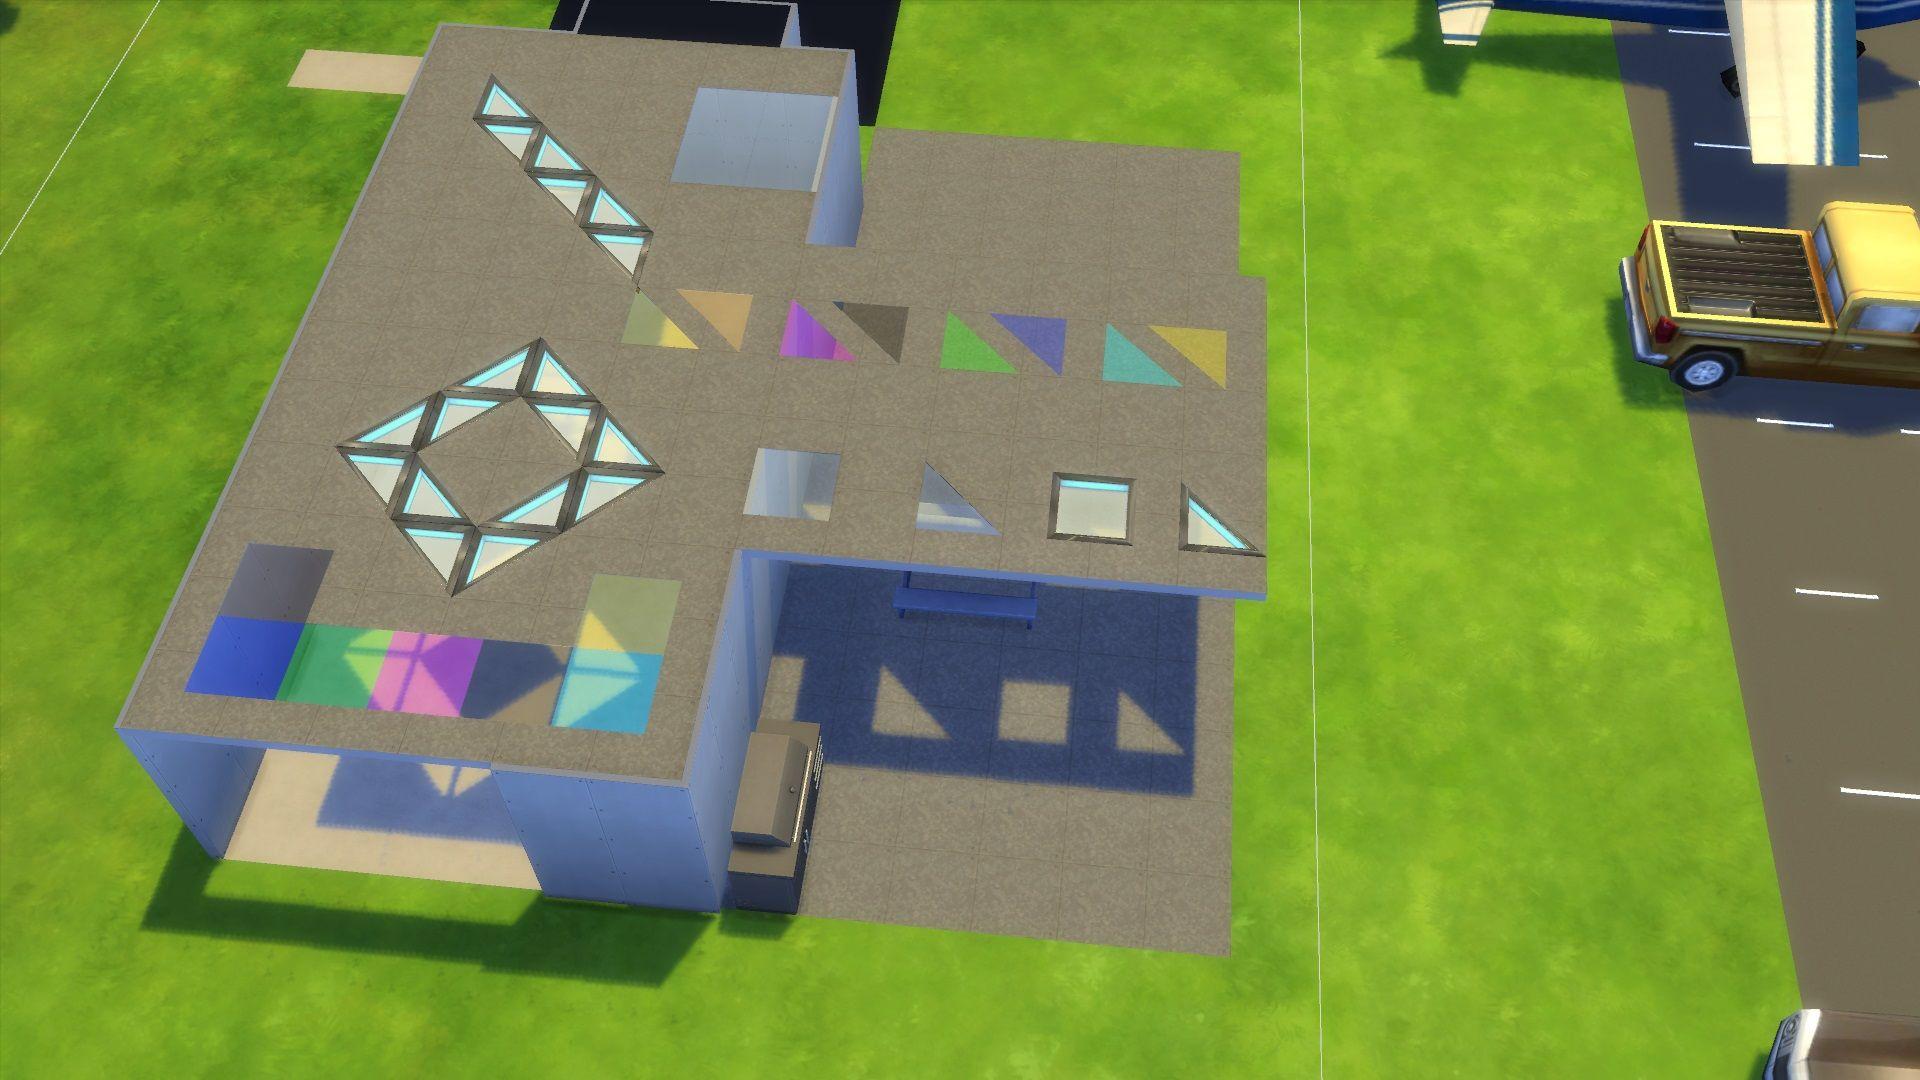 1x1 + diagonal (half tile) glass floor and dance floor